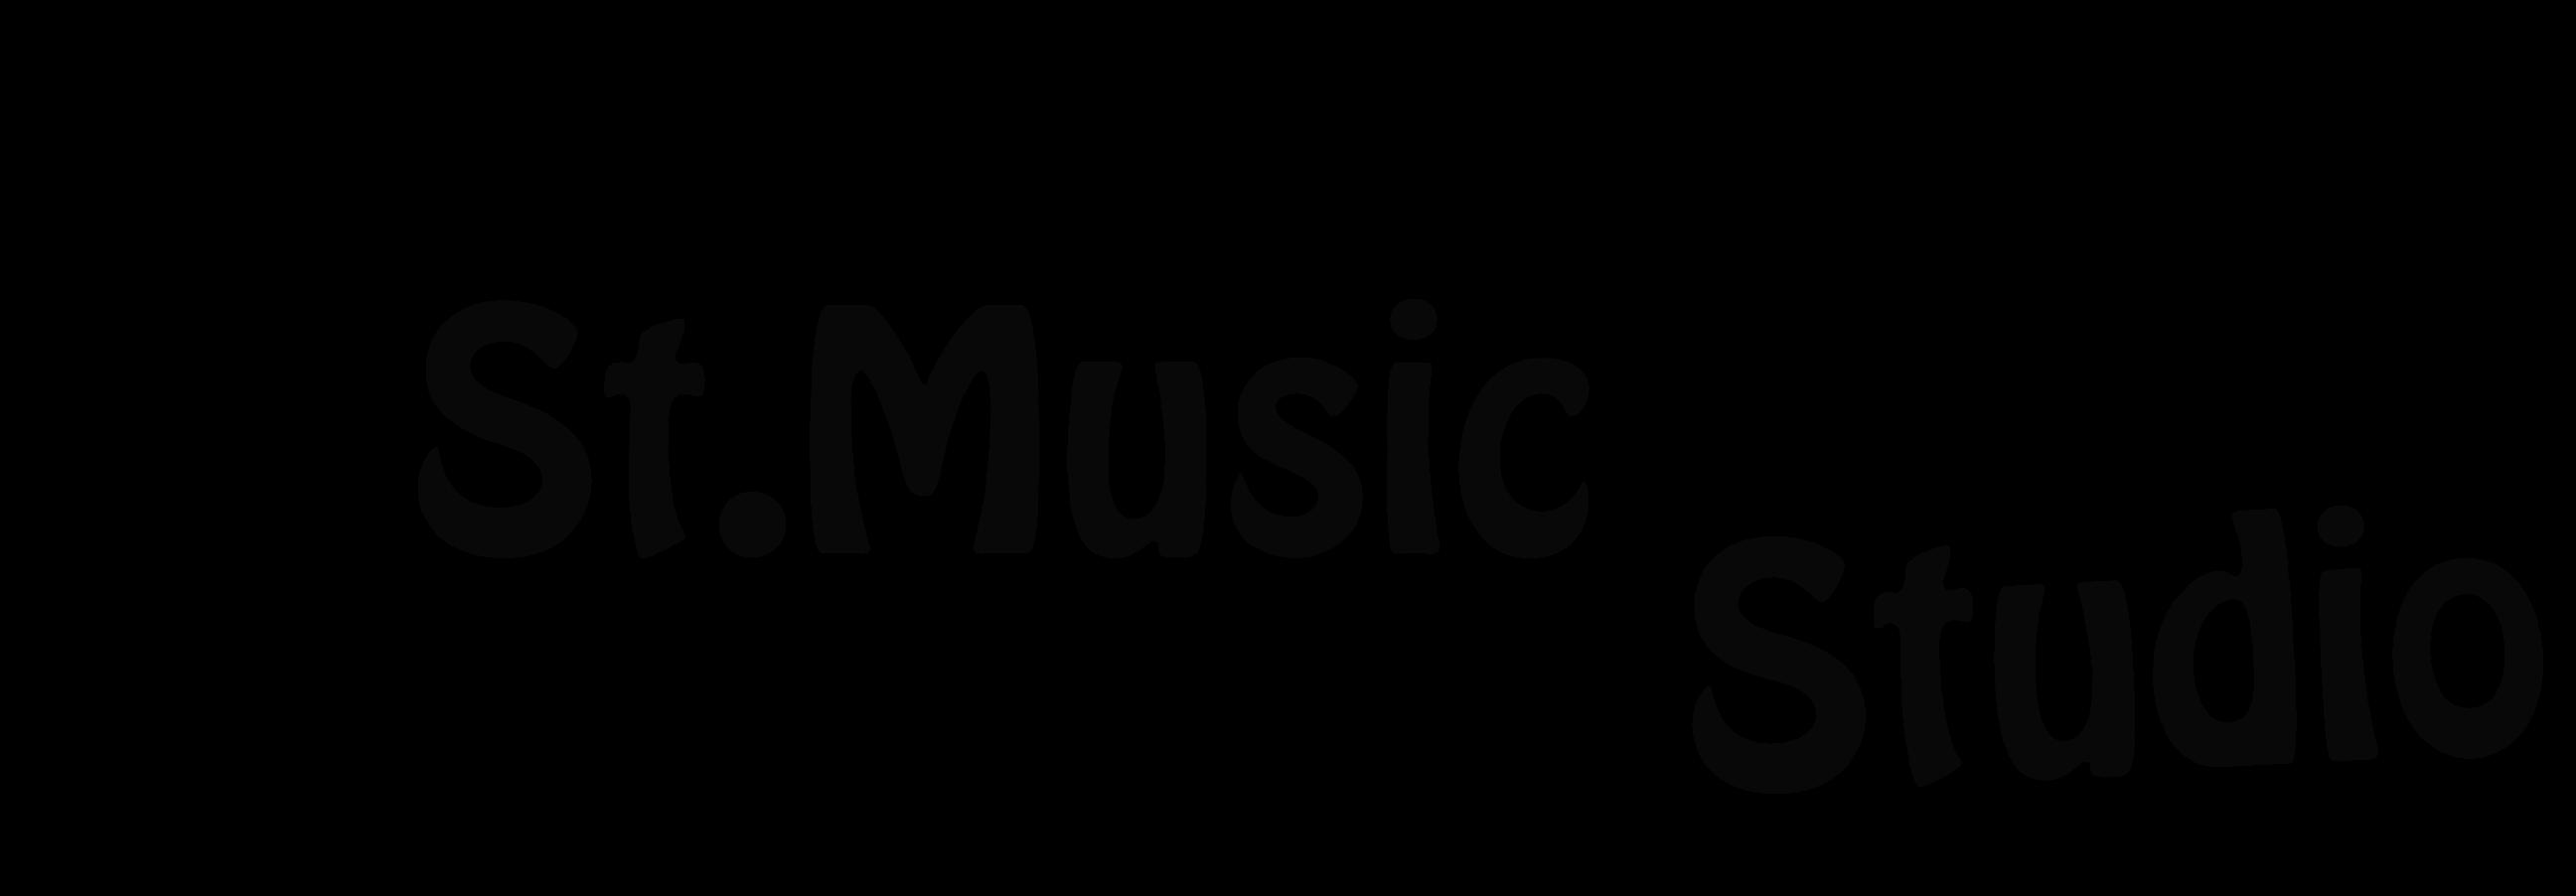 stmusics.com